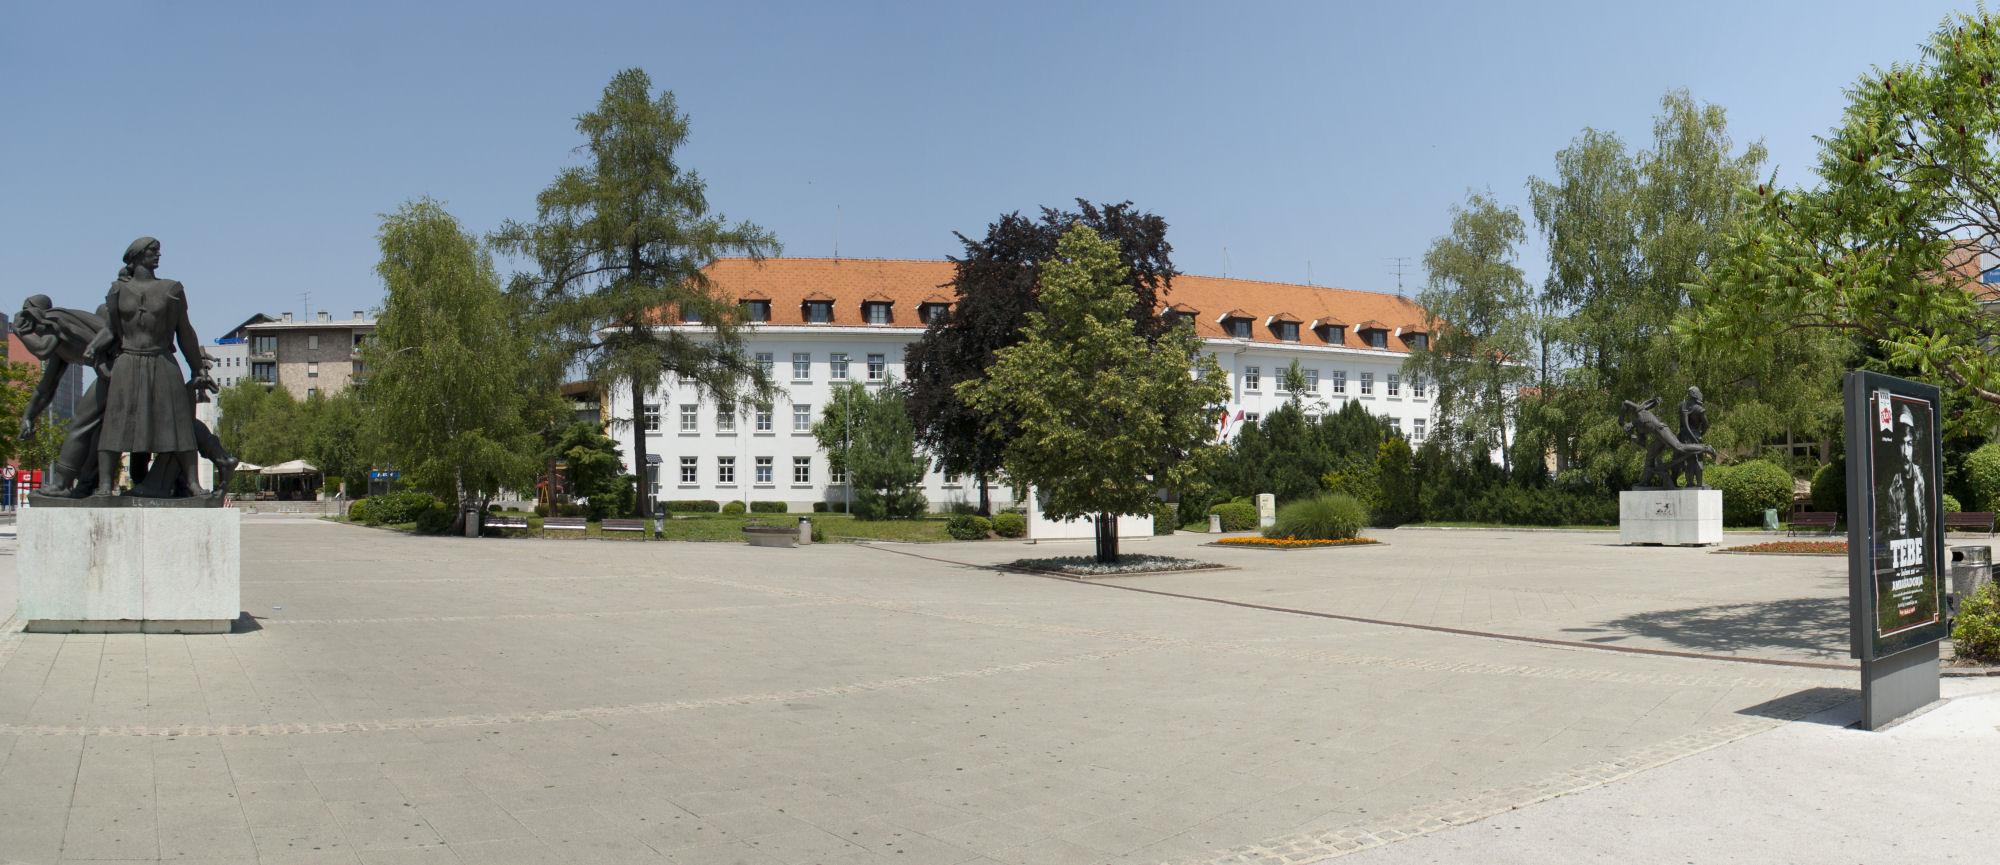 Slovenian square in Kranj, Slovenia